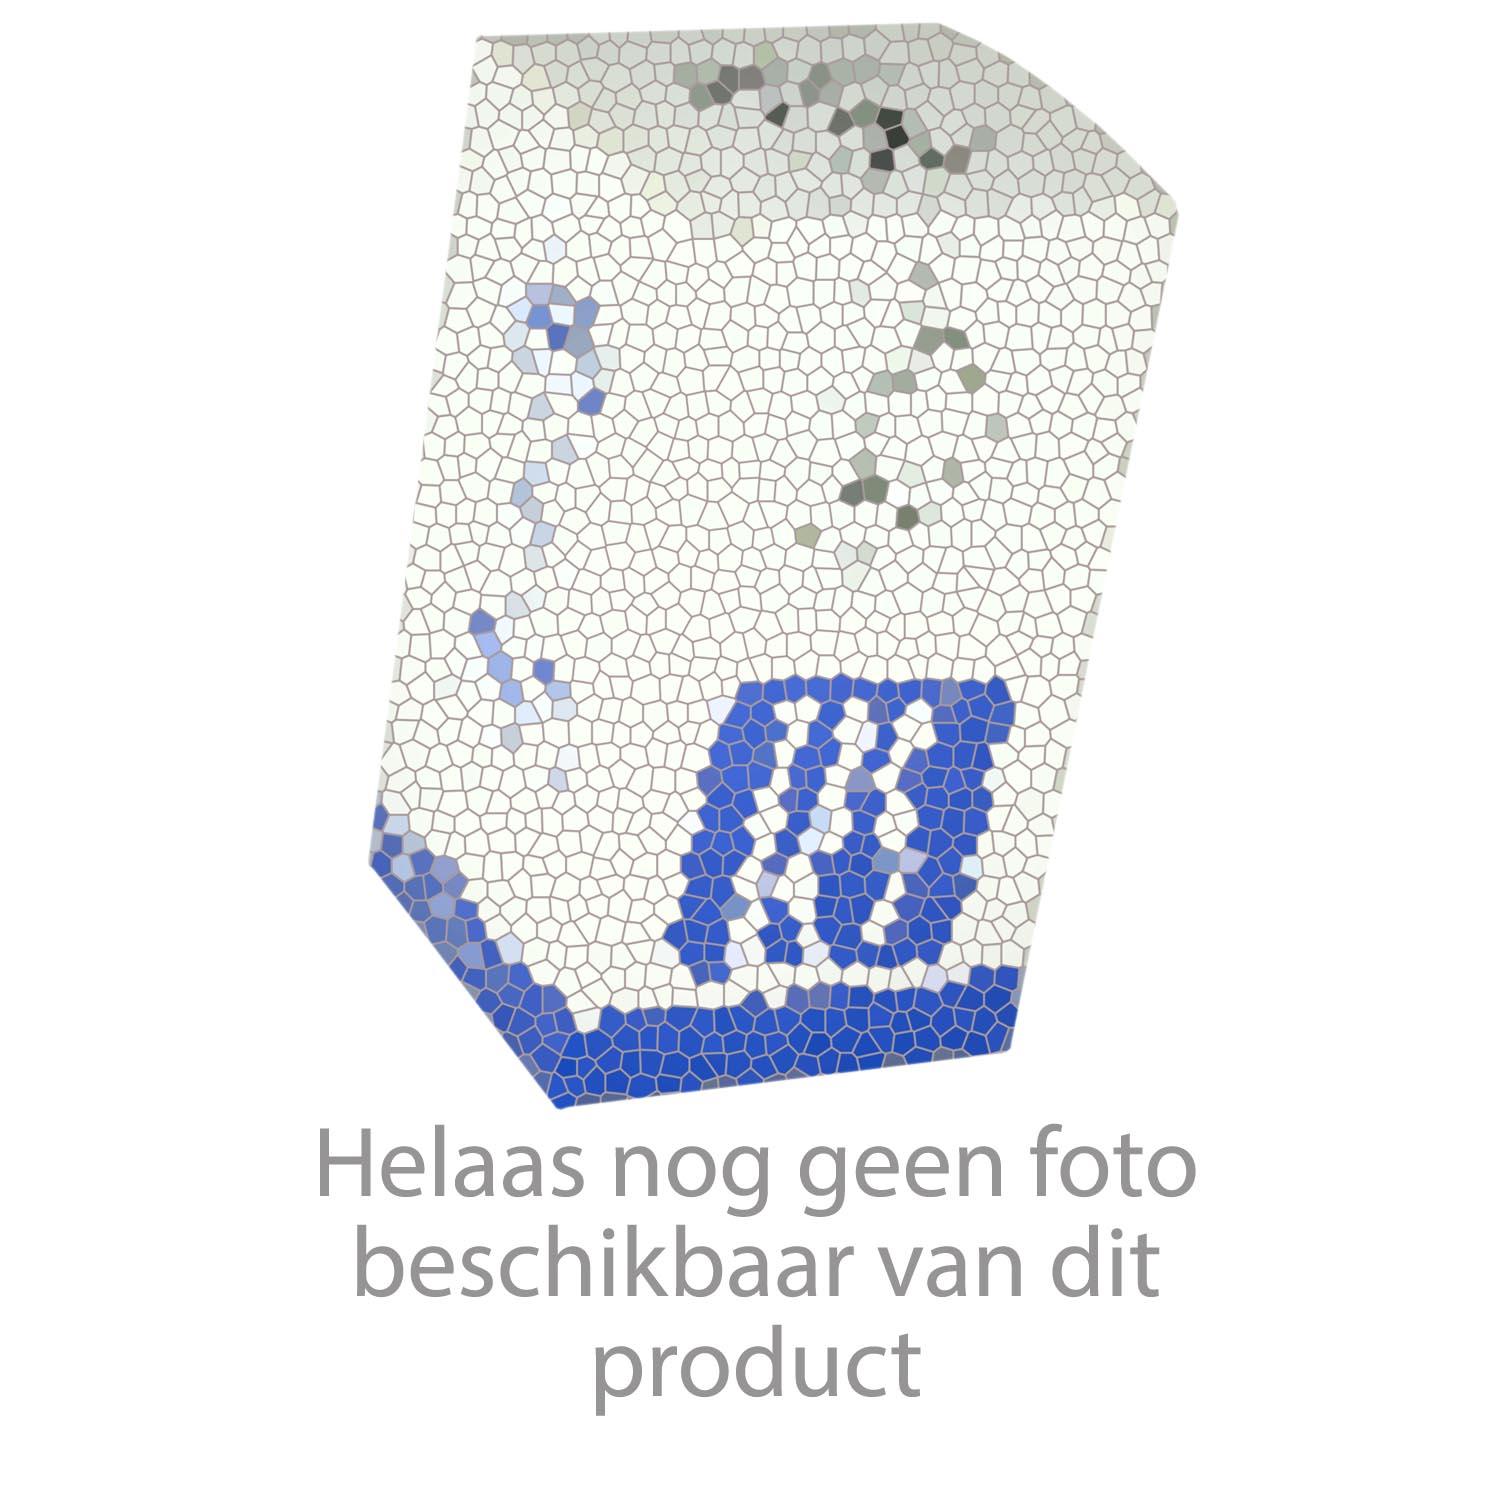 HansGrohe Afvoer- en overloopgarnituren Buissifons productiejaar > 01/77 53010 onderdelen